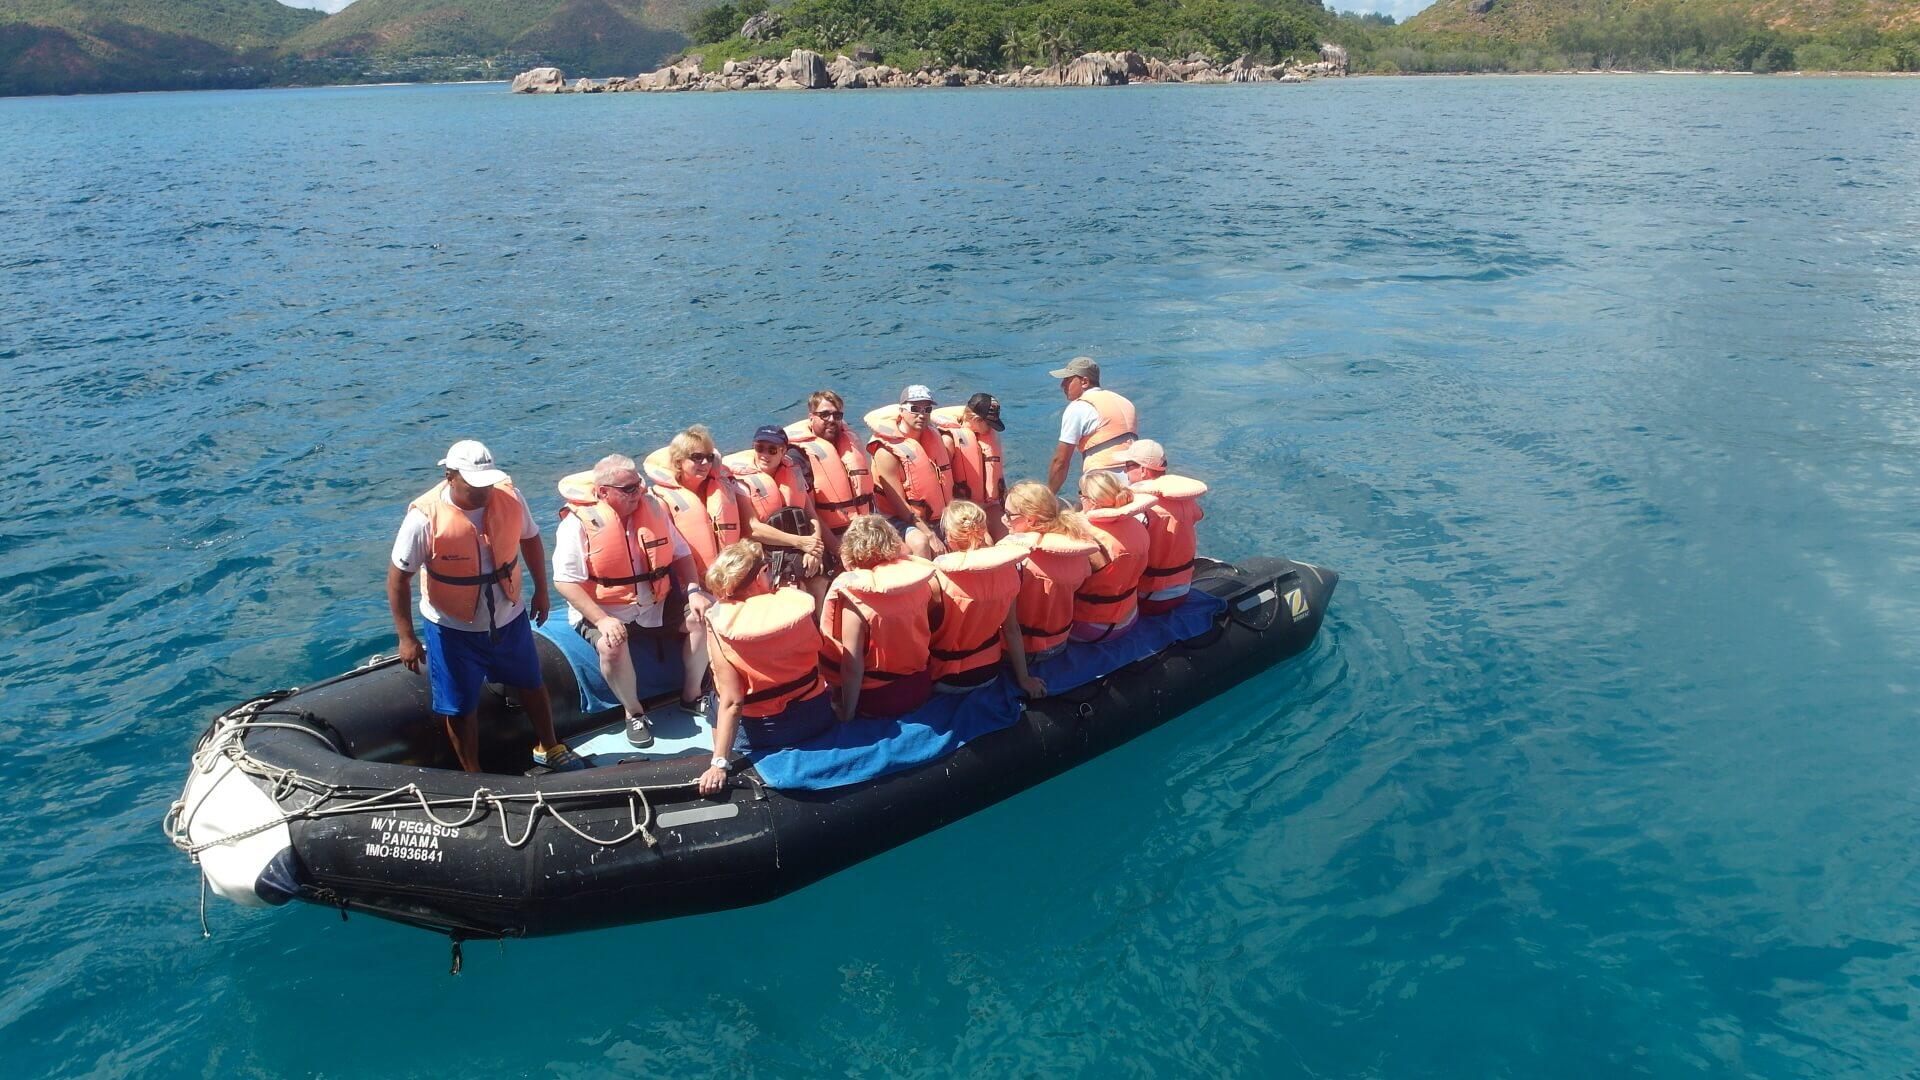 Fred auf den Seychellen – Reisende im Schlauchboot